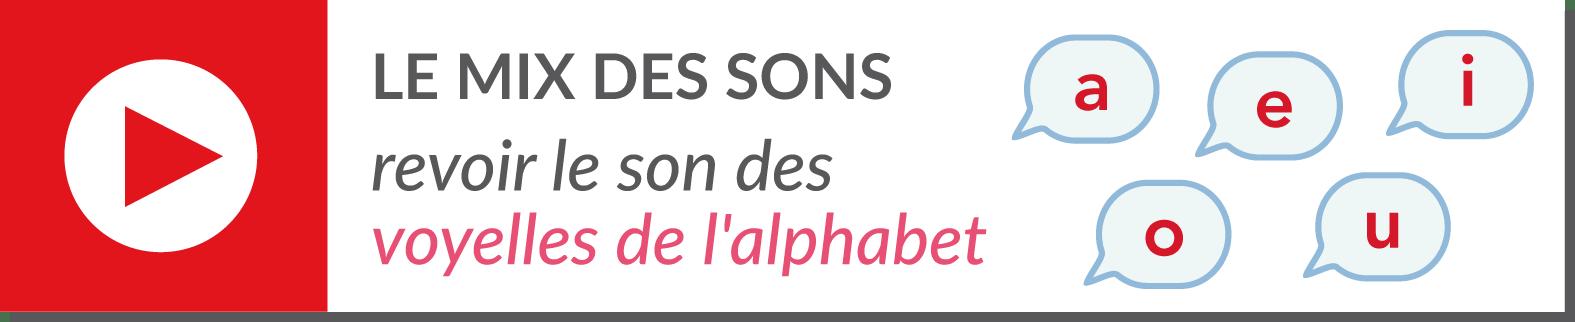 lecture de syllabes - vidéo voyelles de l'alphabet - a e i y o u